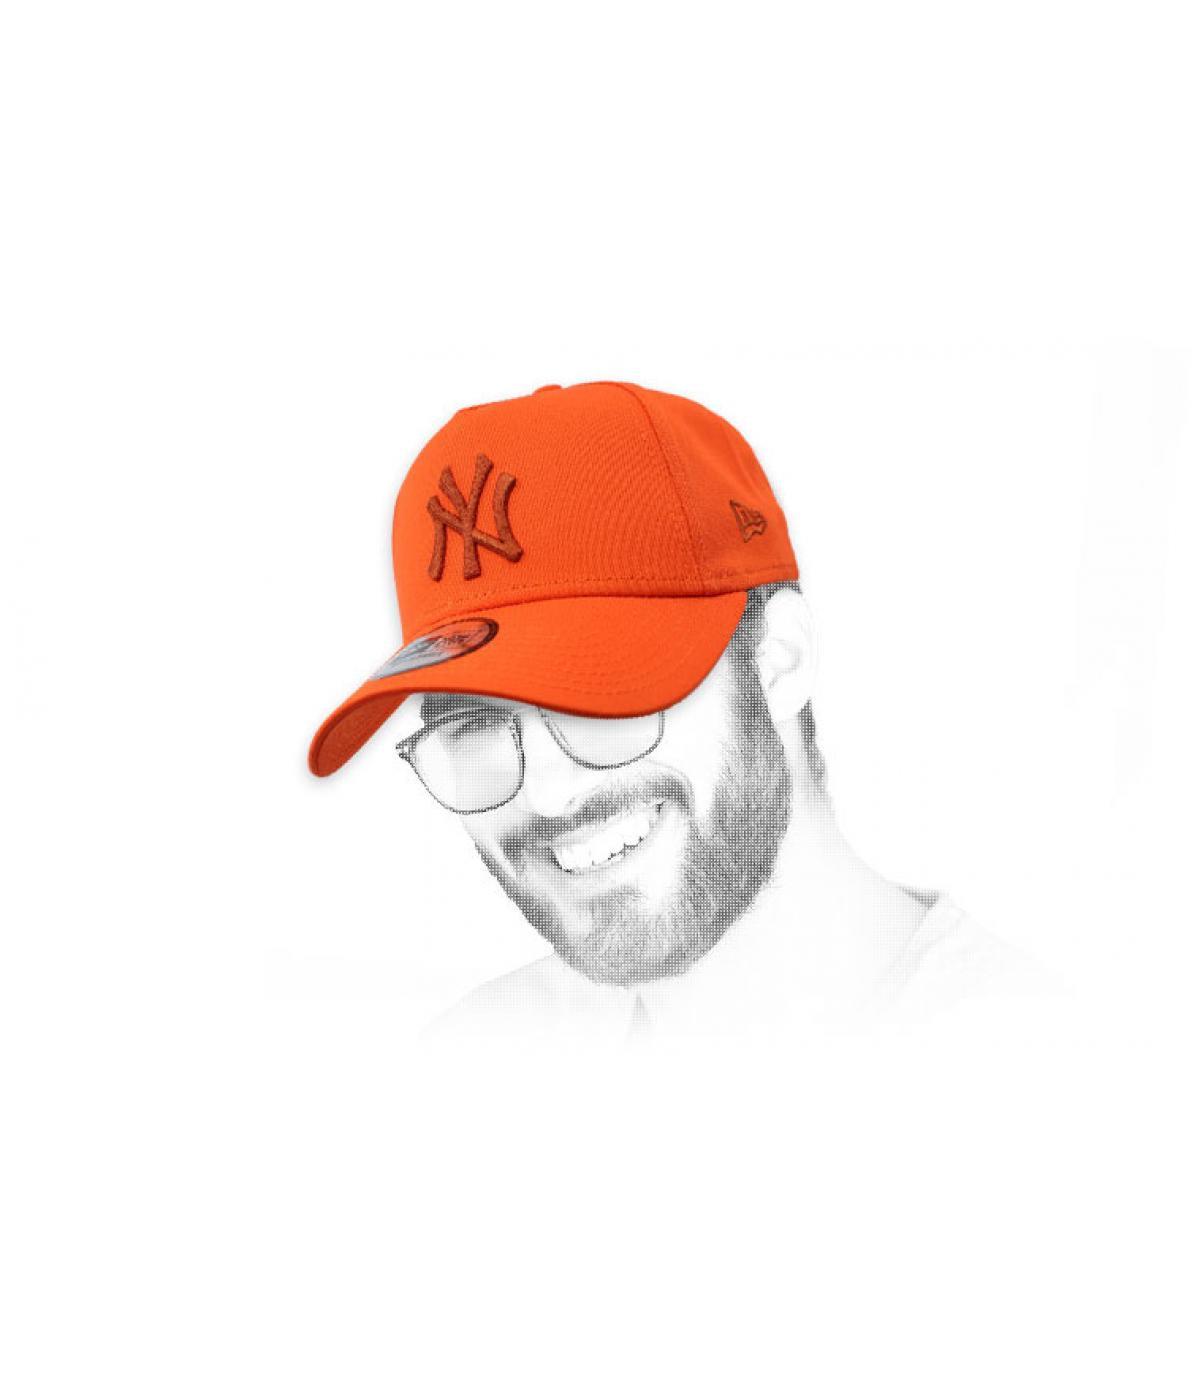 cap NY Orange Aframe